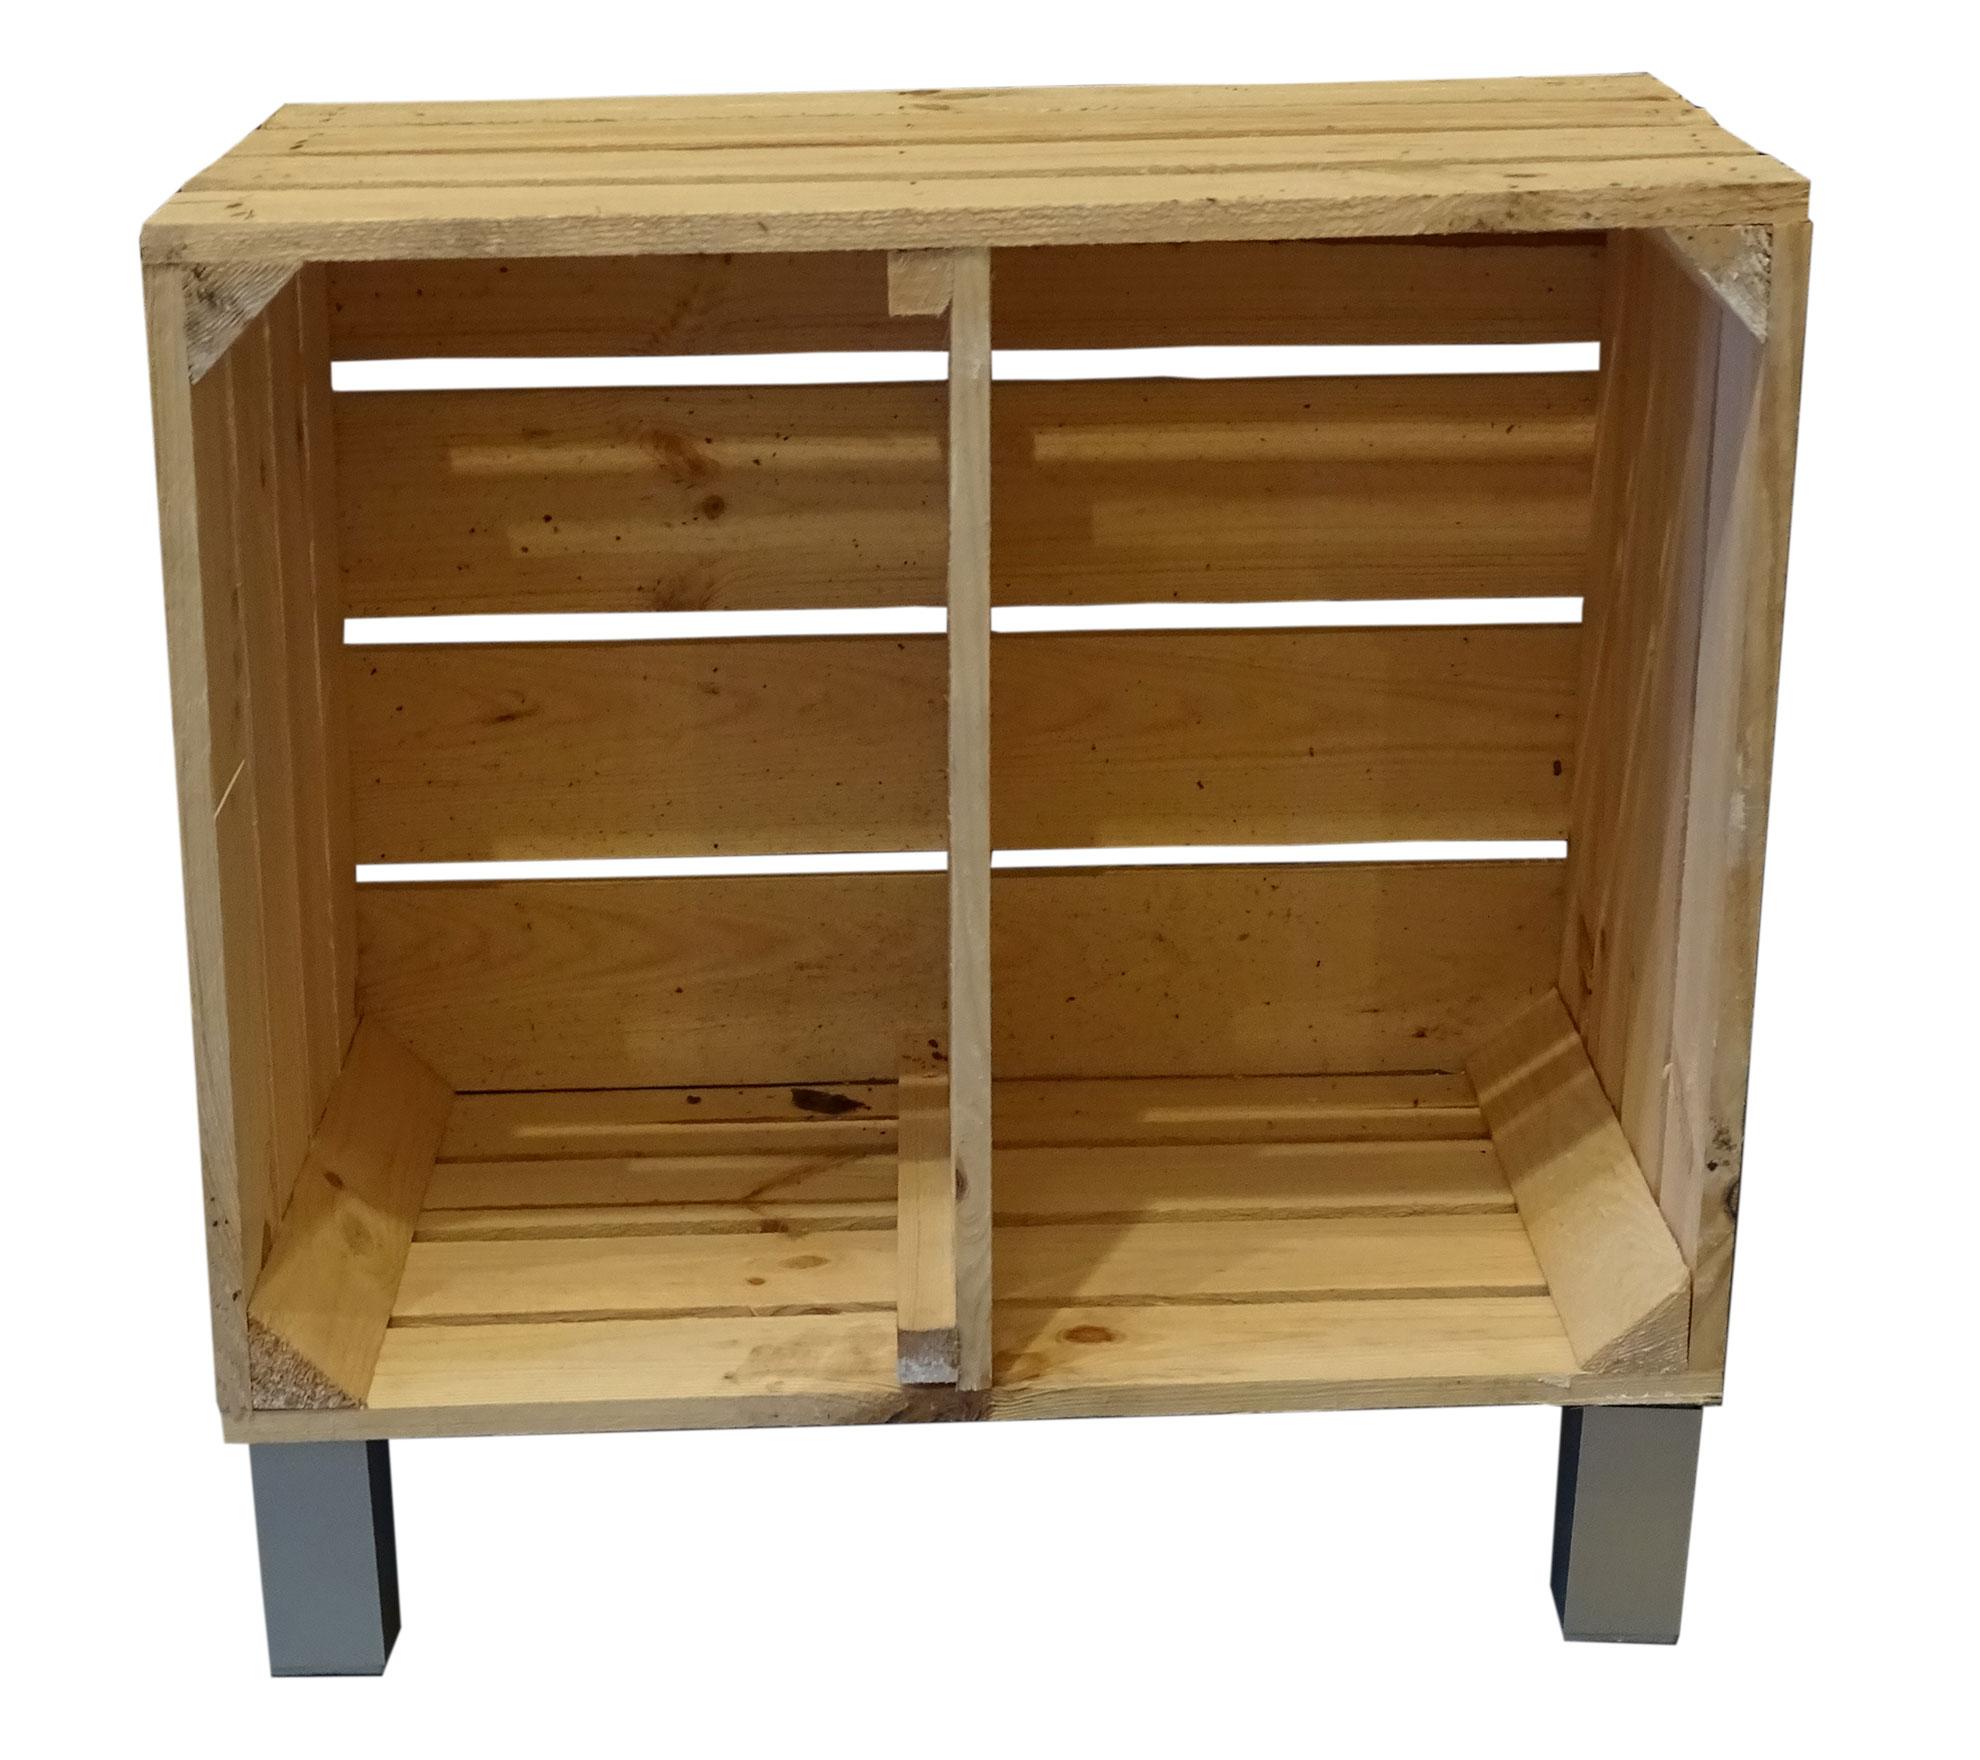 m bel beistelltisch aus naturfarbener neuer kiste kurzes mittelbrett mit f en. Black Bedroom Furniture Sets. Home Design Ideas